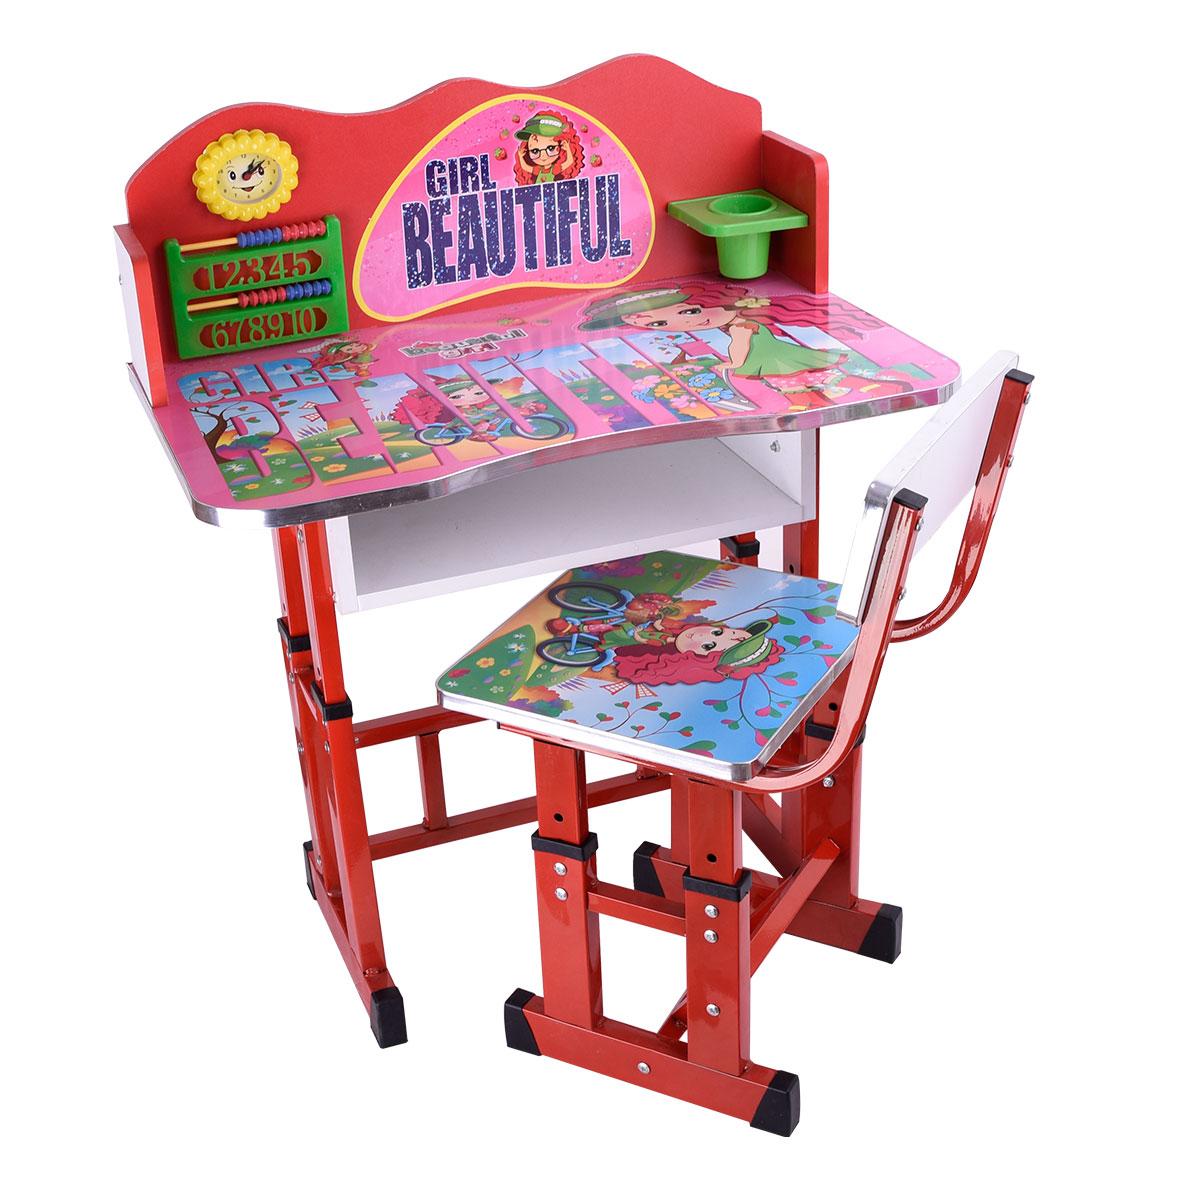 طاولة اطفال مدرسية خشب + كرسي , رقم 4042-039